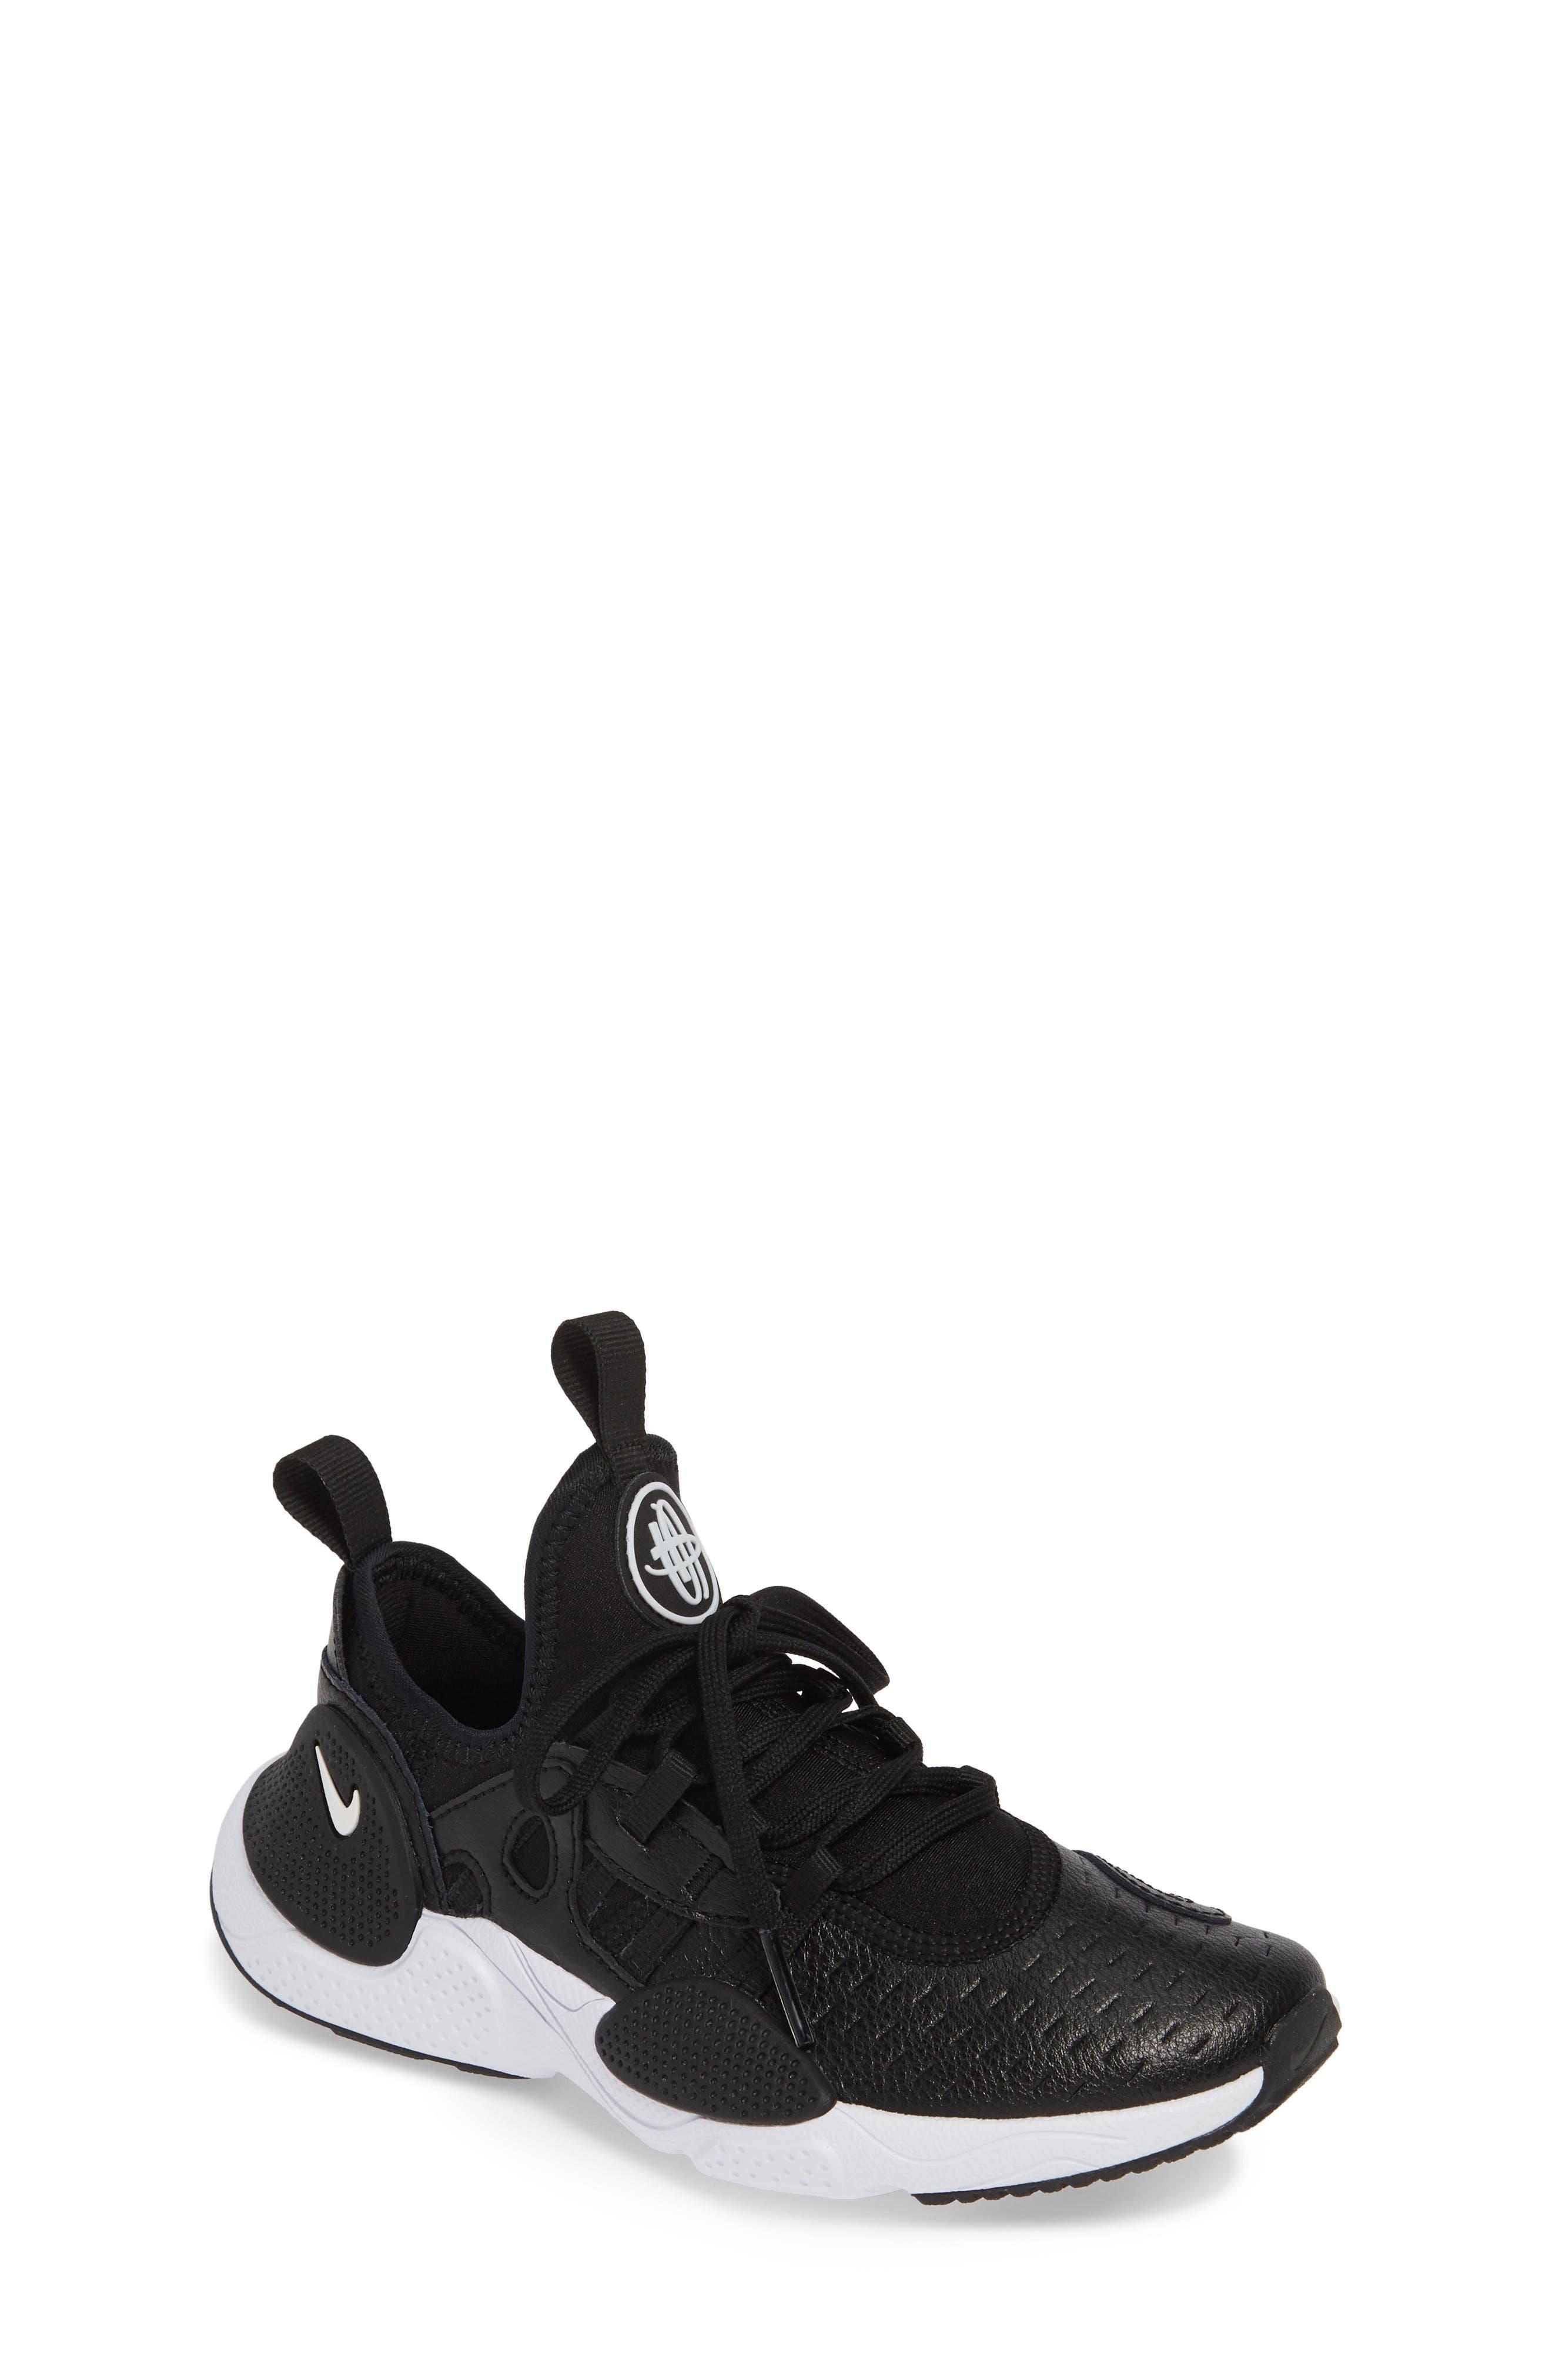 NIKE, Huarache E.D.G.E. Sneaker, Main thumbnail 1, color, BLACK/ WHITE